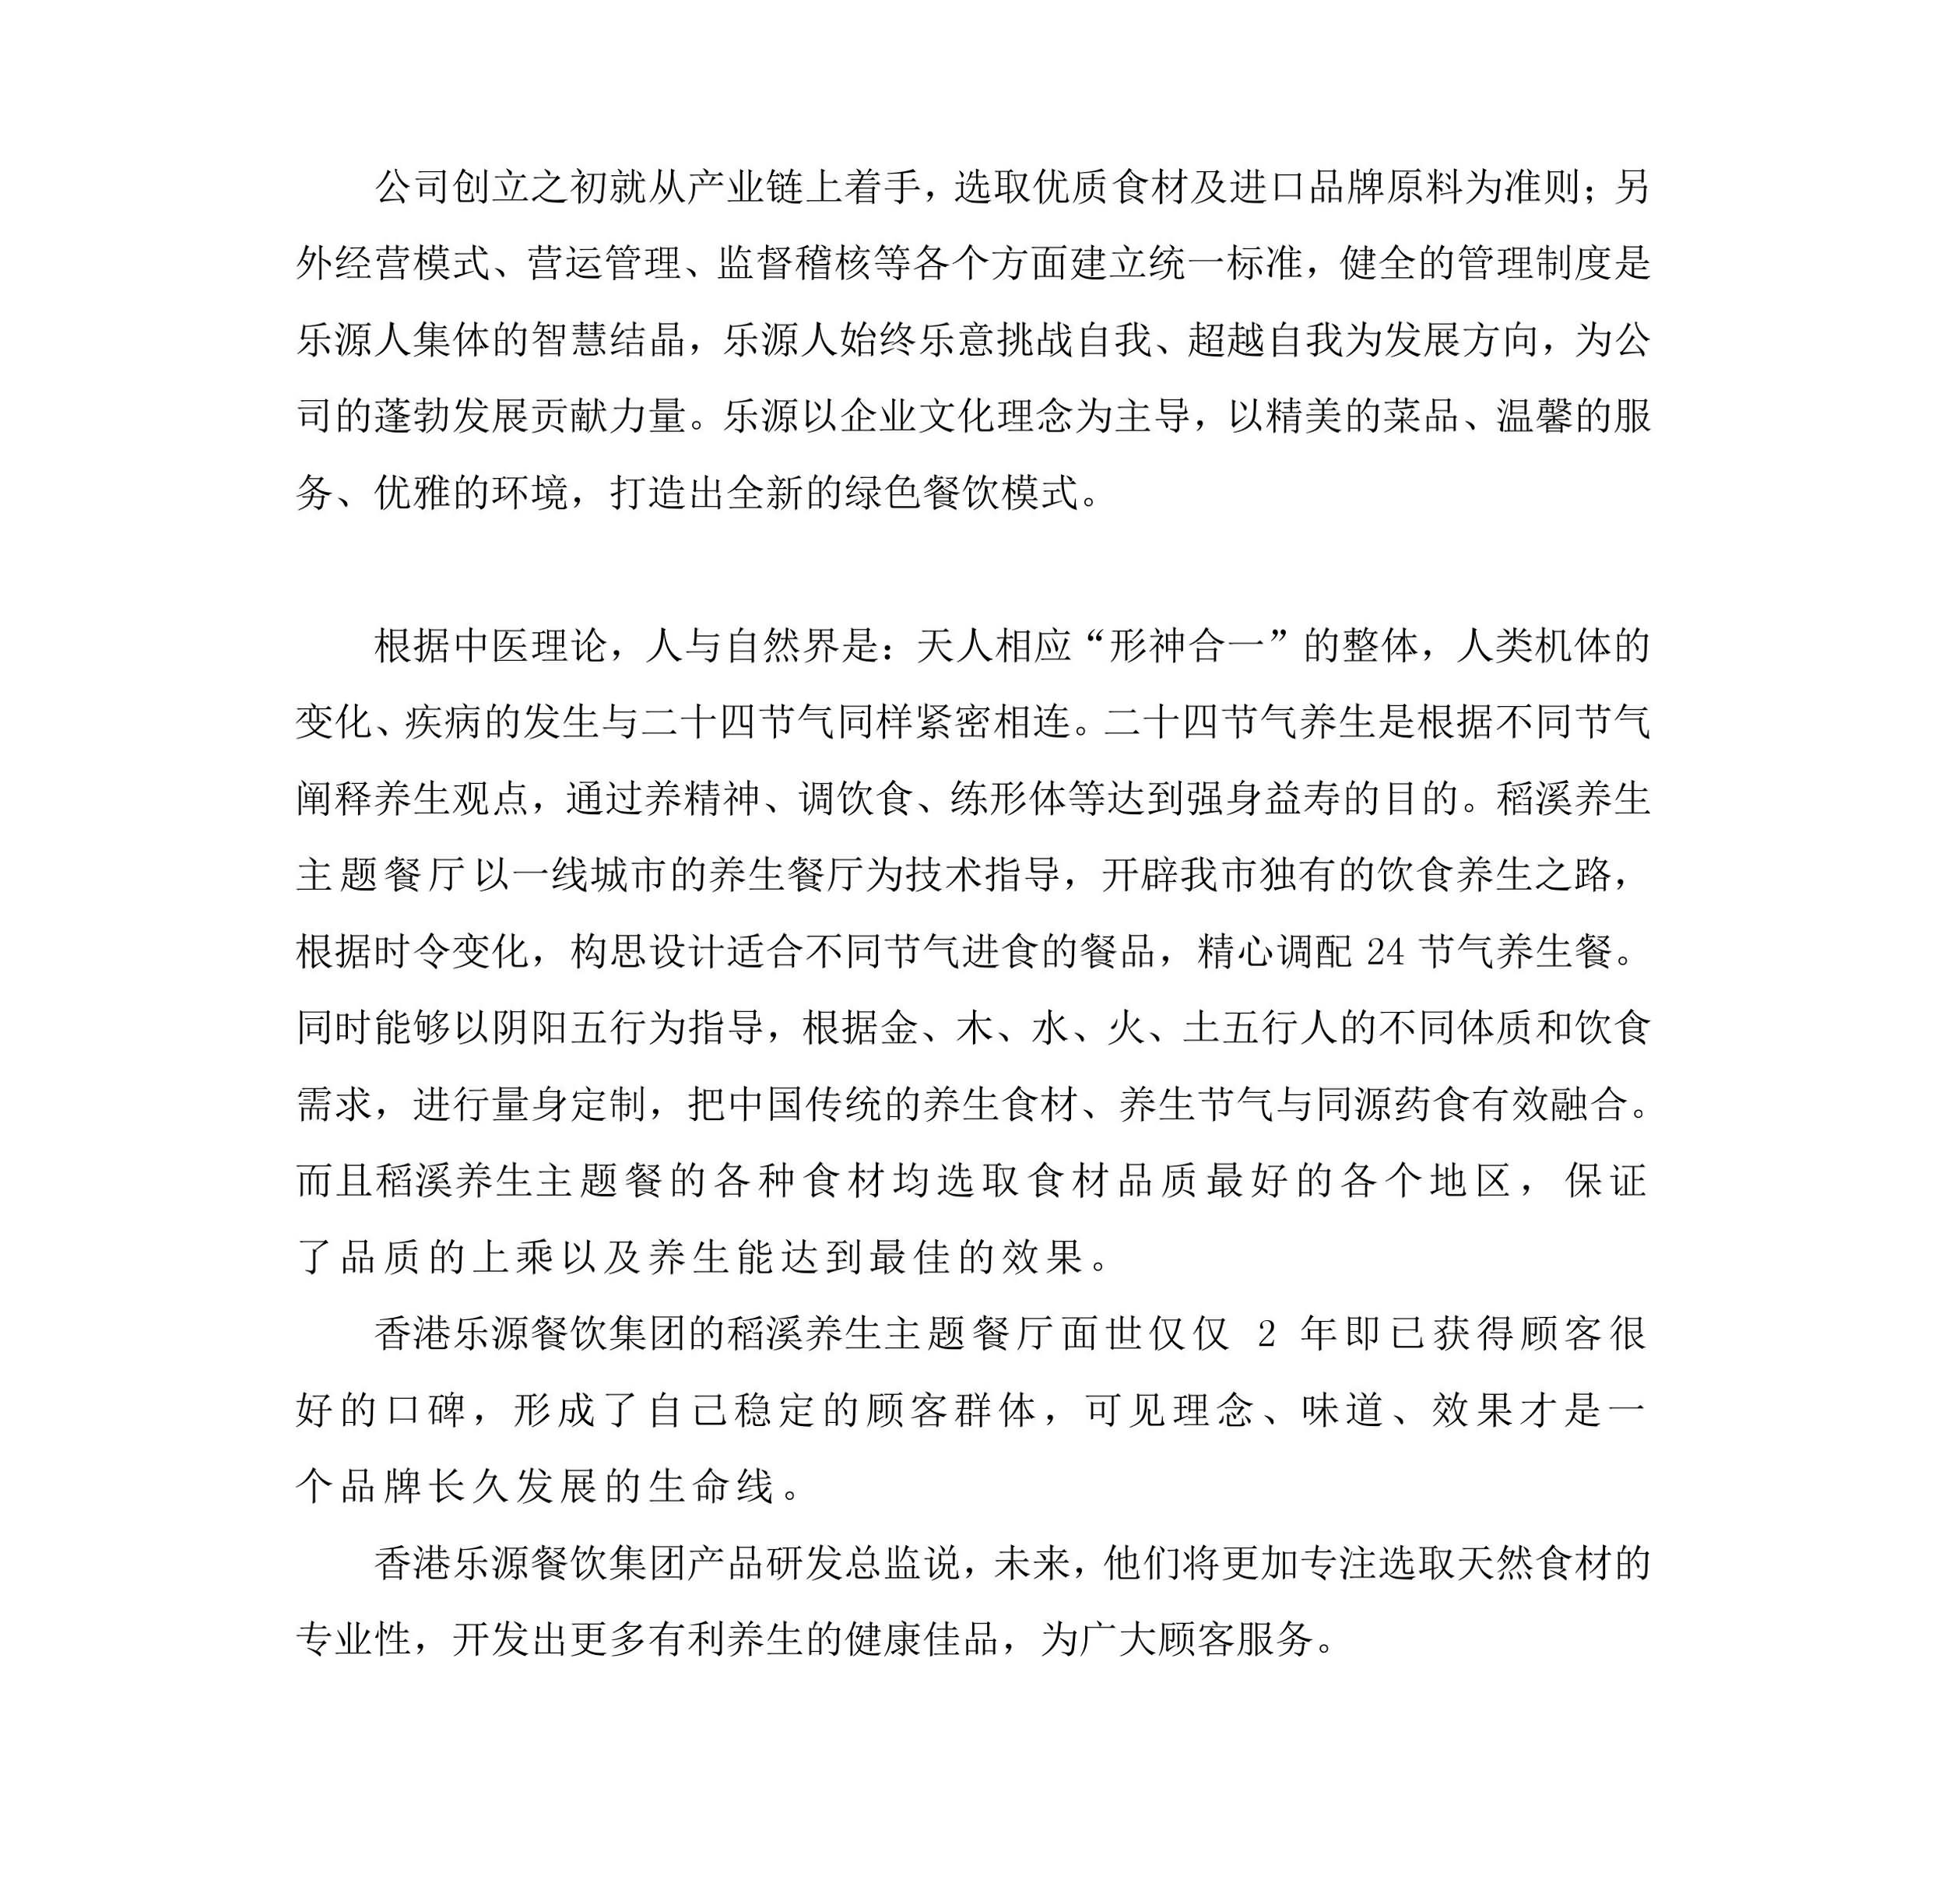 香港樂源餐飲集團有限公司26